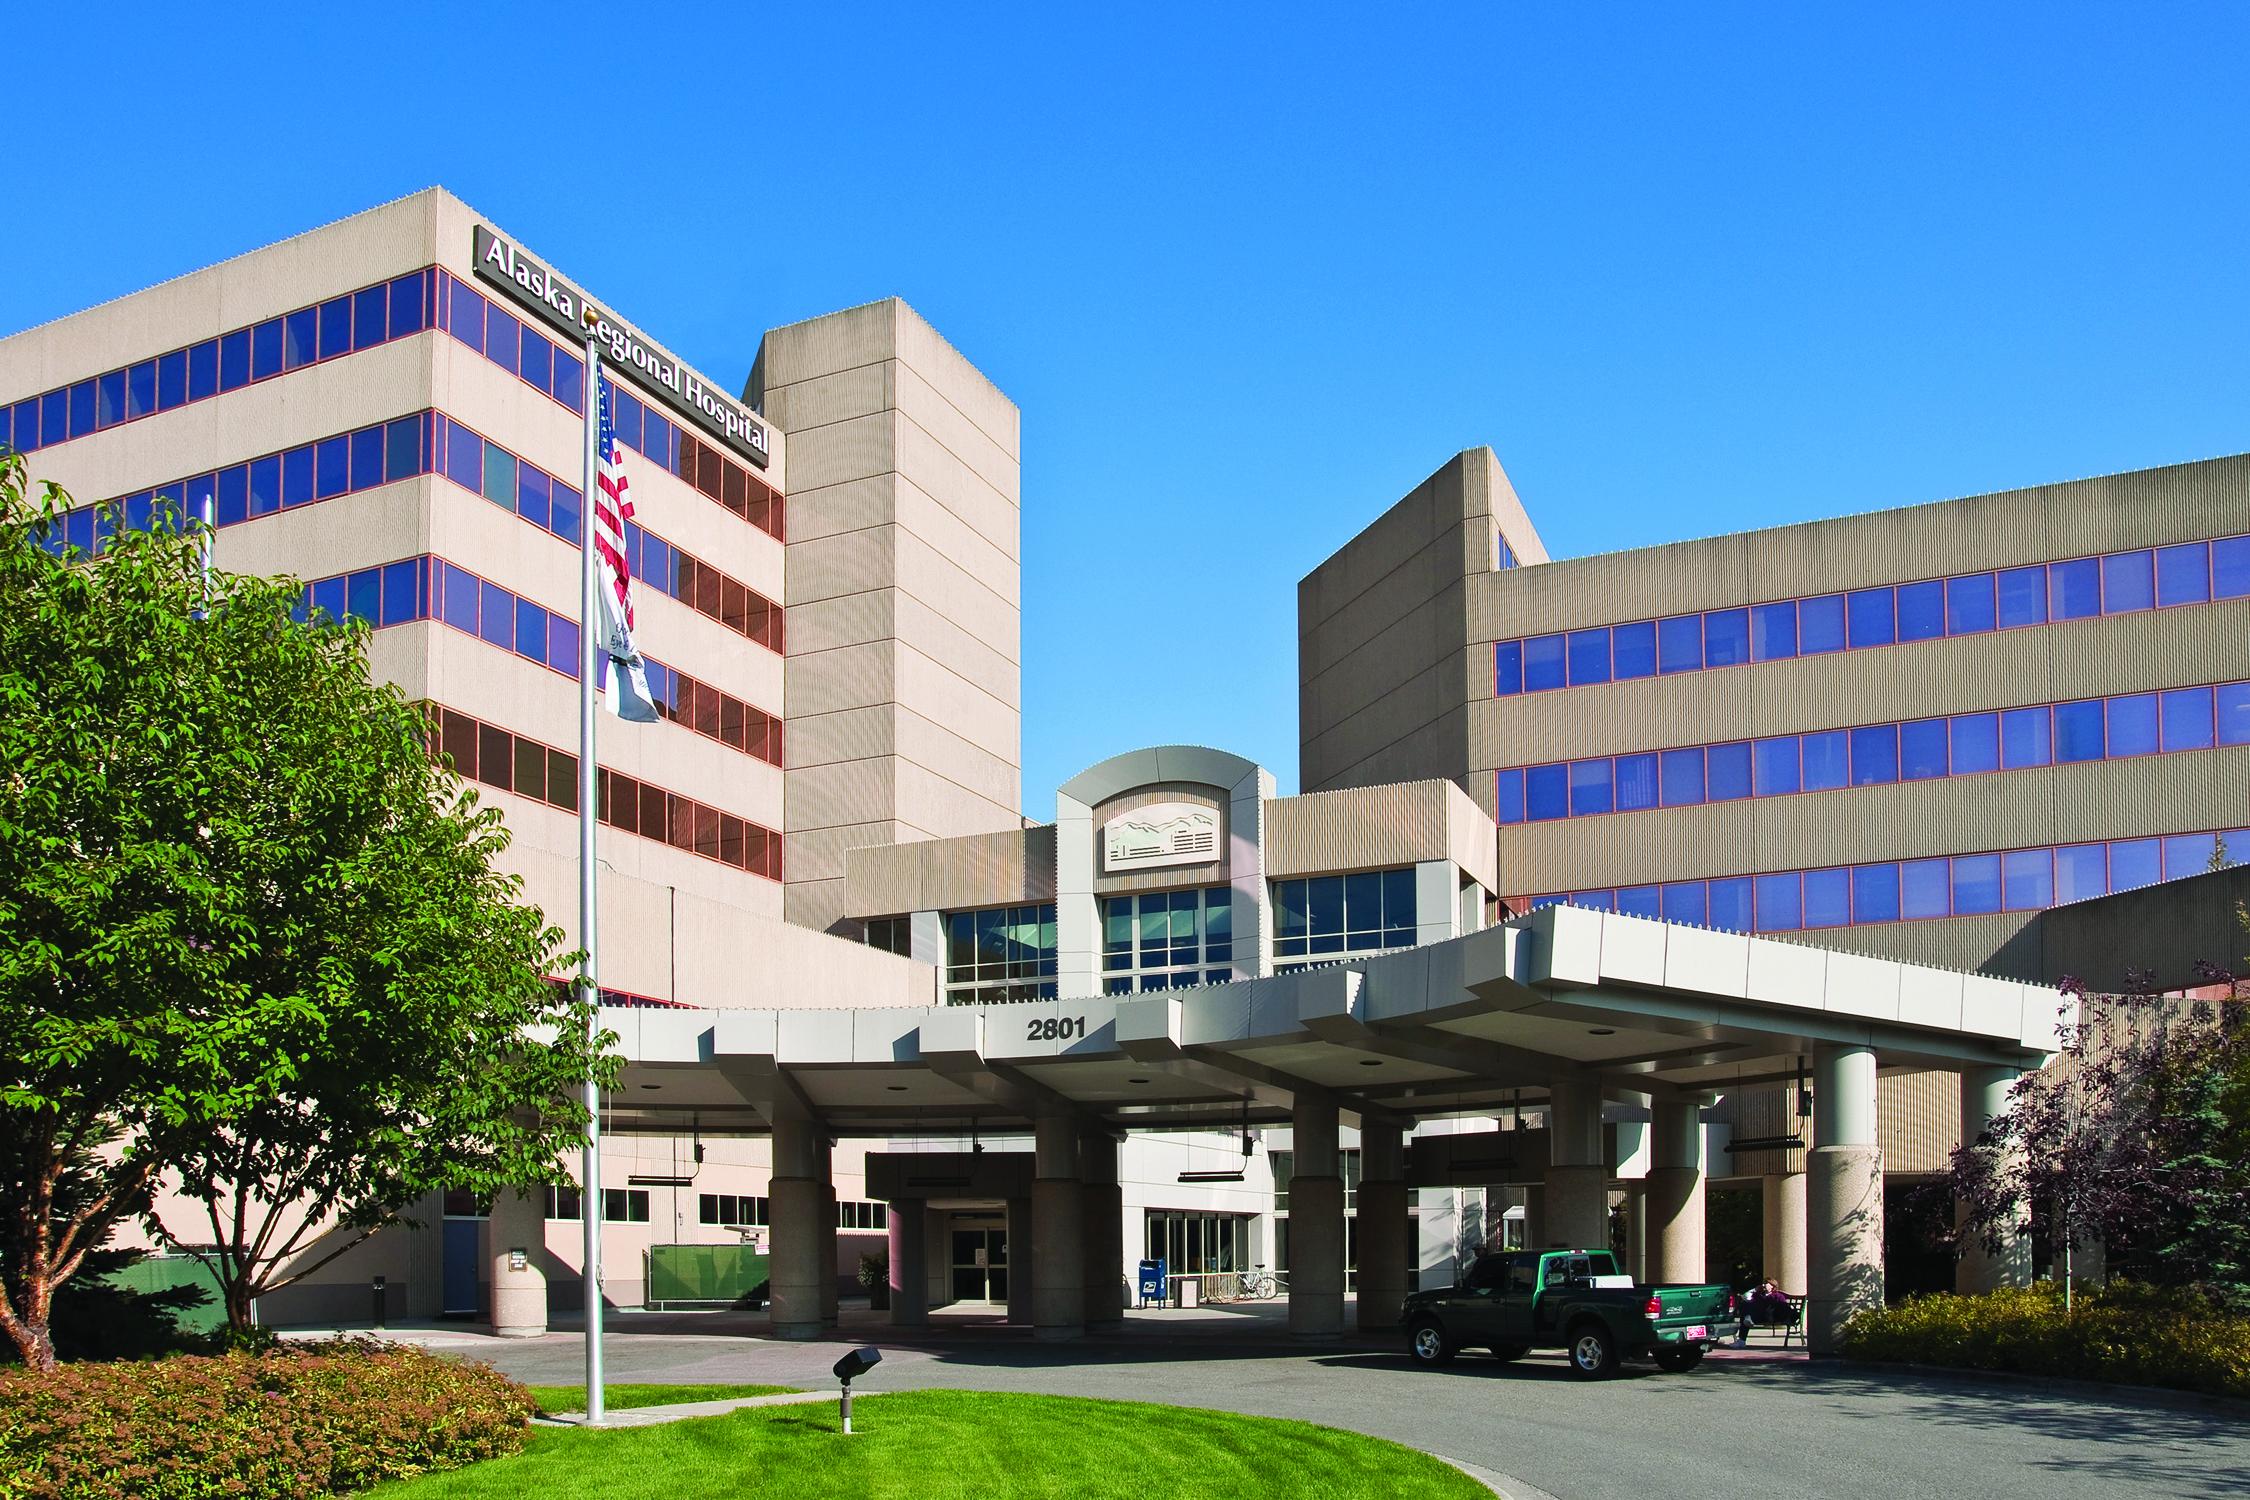 Alaska Regional Hospital